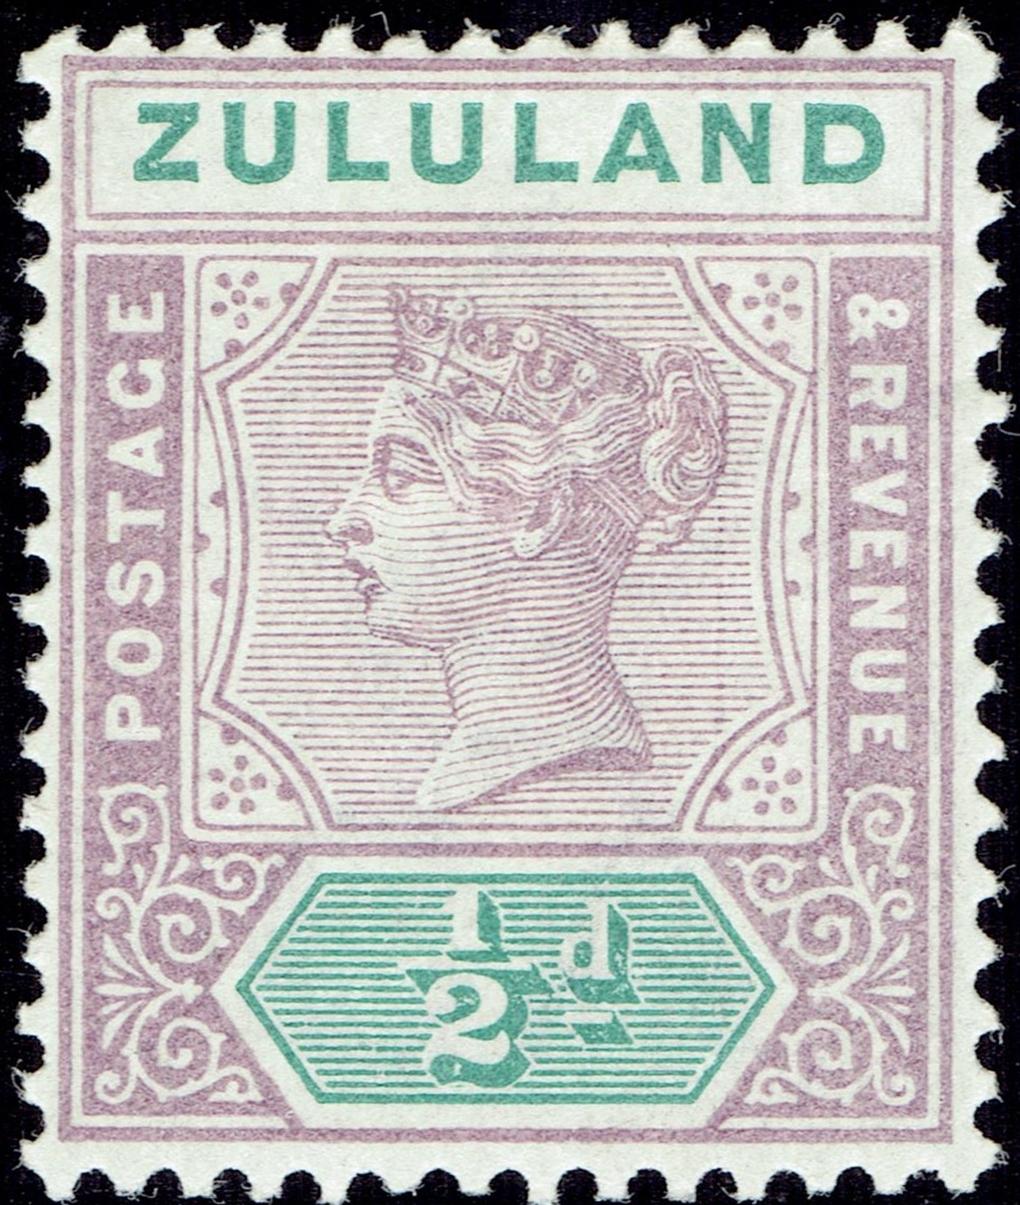 Zululand - Scott #15 (1894)